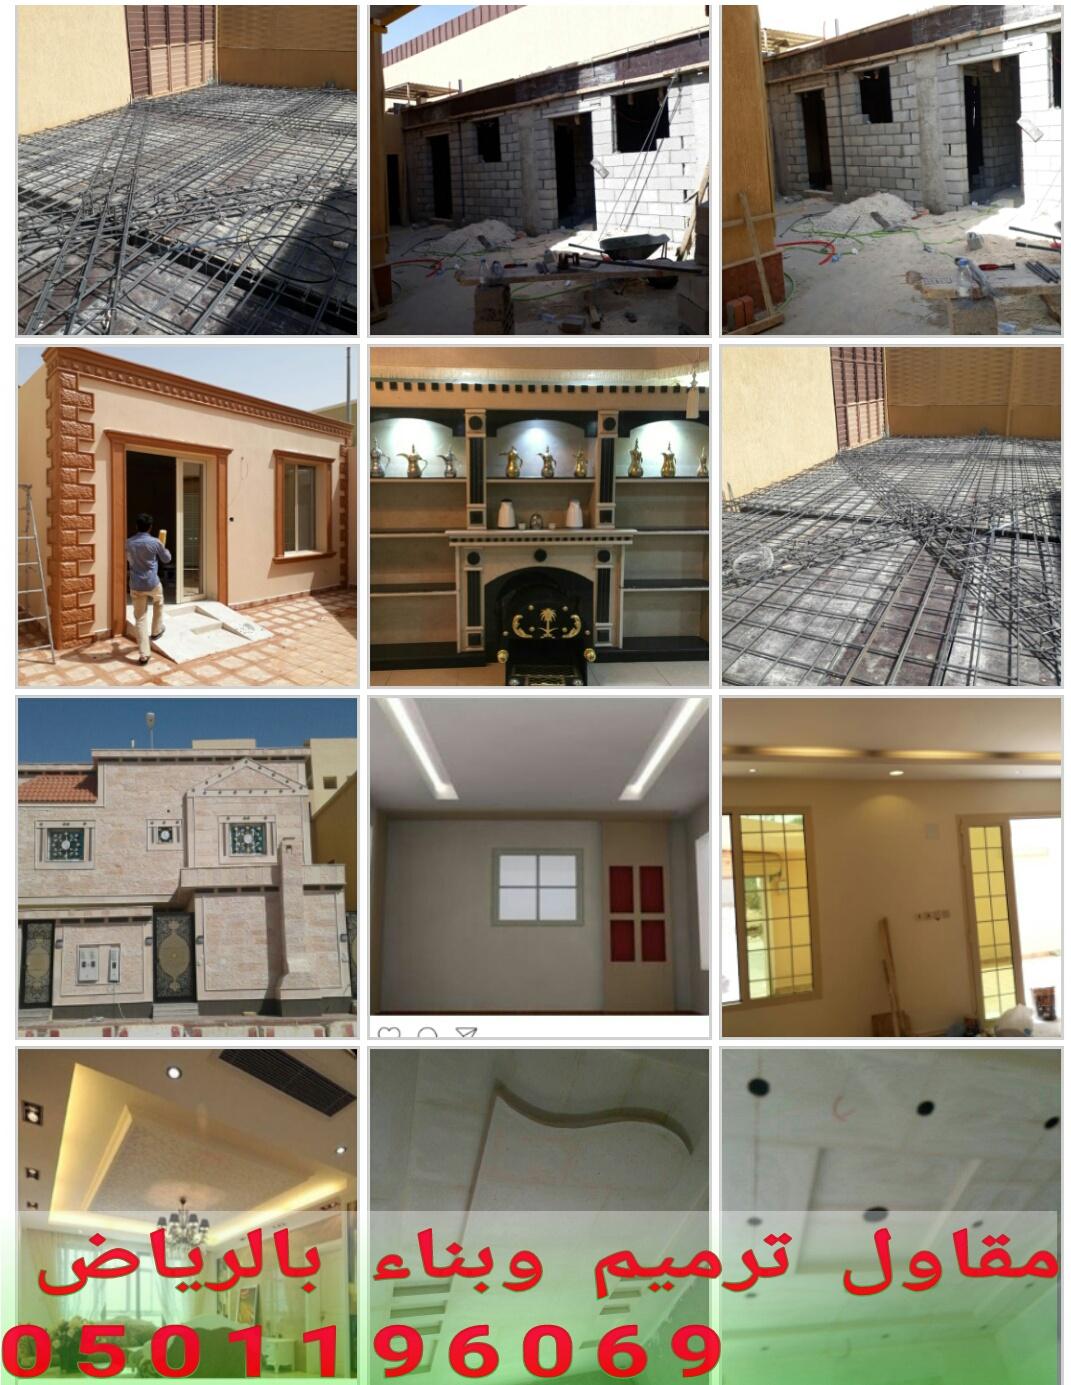 مقاول ترميم بالرياض 0501196069 مقاول ملاحق بالرياض،مقاول بناء بالرياض،نجار في الرياض P_10251qcsk0